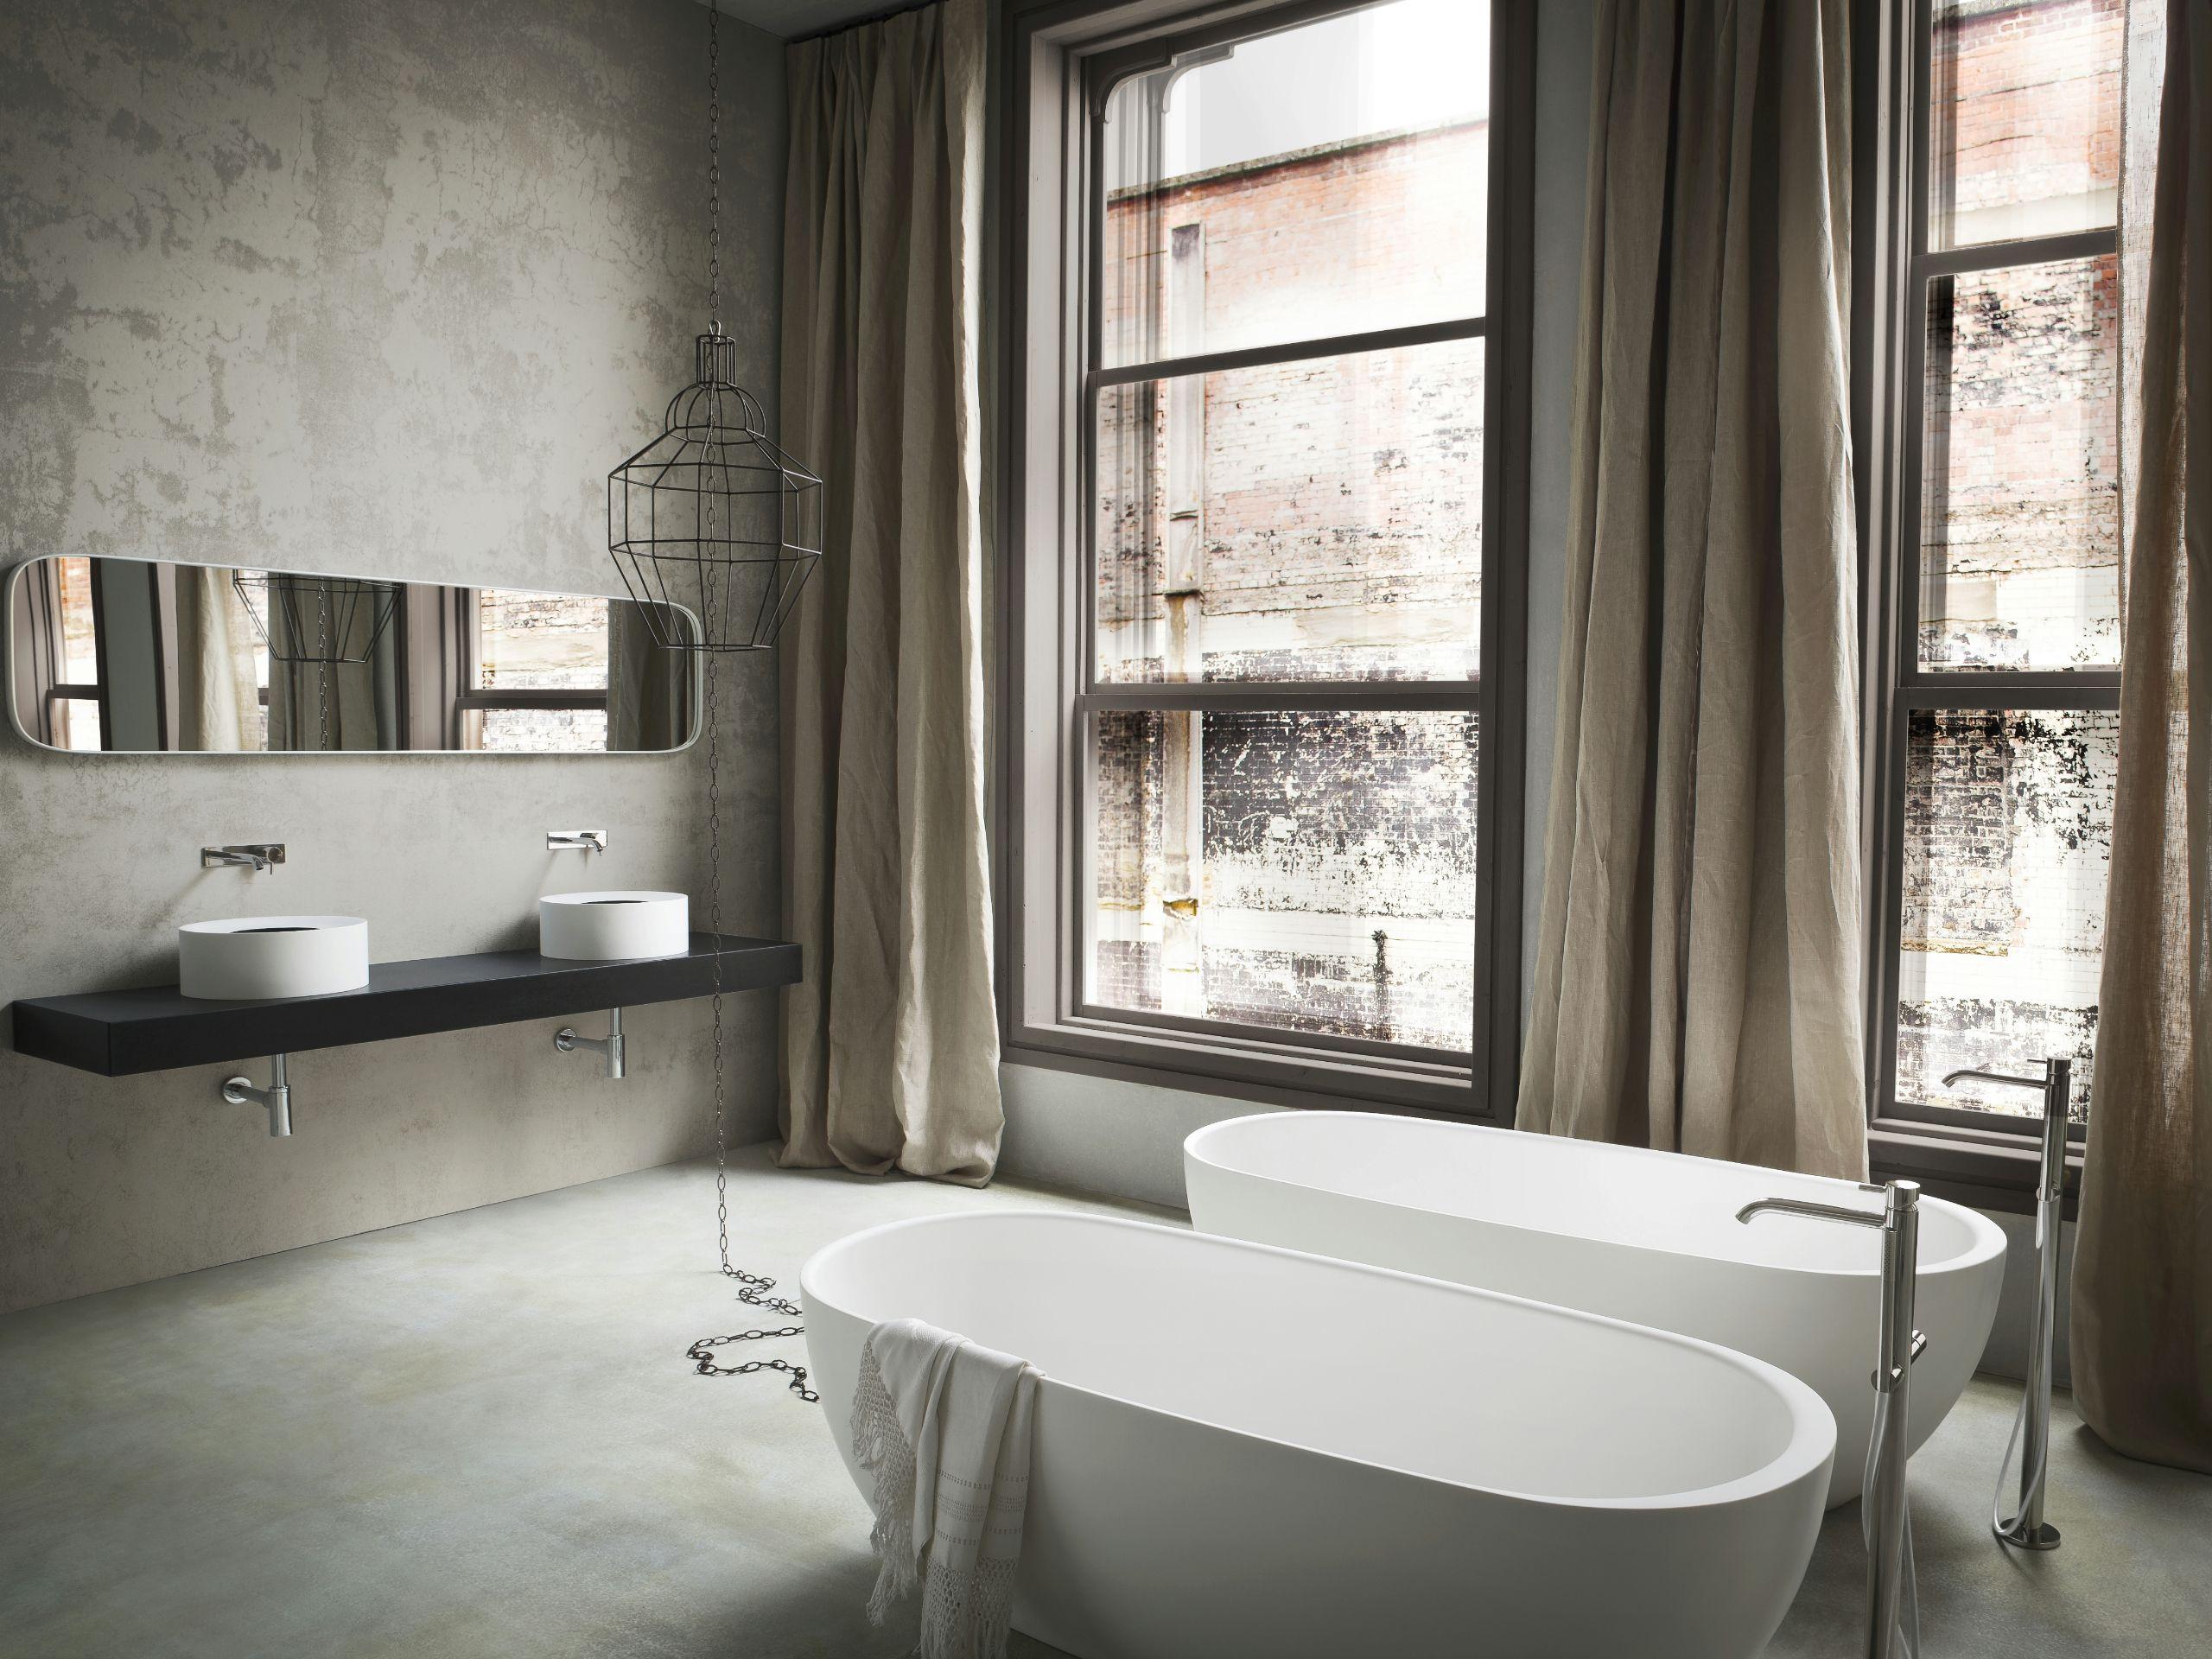 Hole vasca da bagno centro stanza by rexa design design for Stanza da bagno